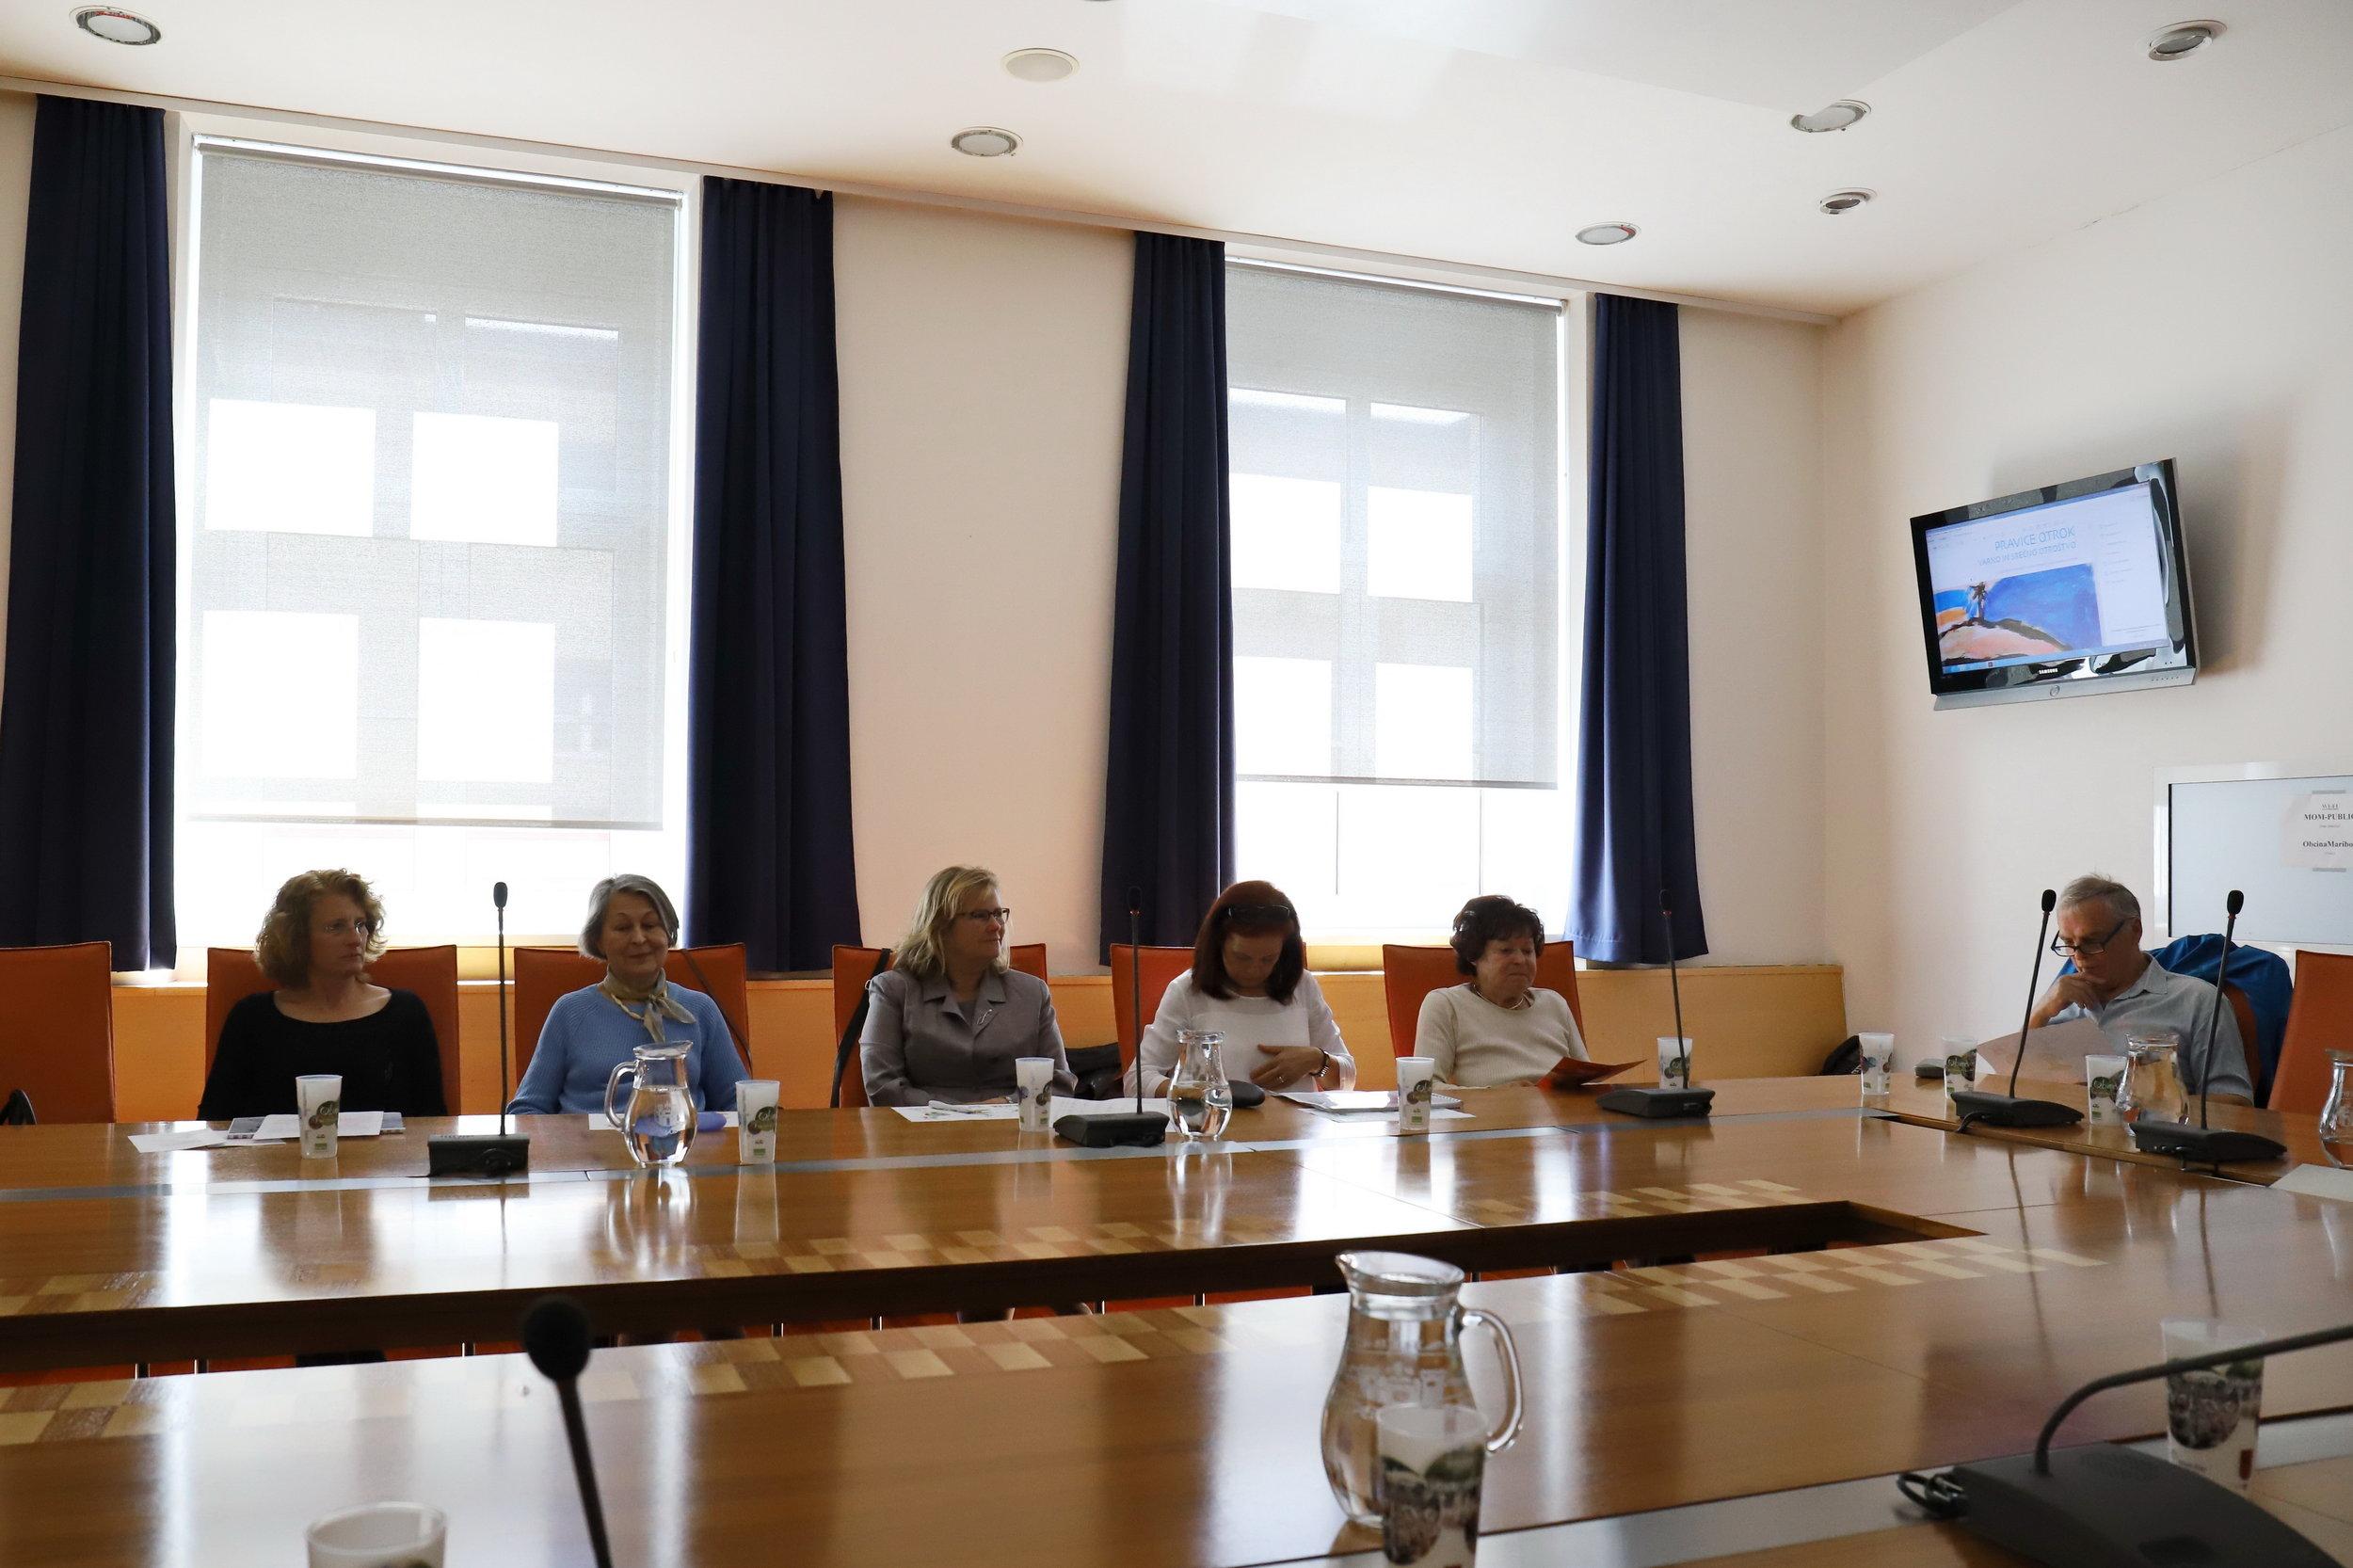 predstavnice MO Maribor in  zasl. prof. Ddr. Matjaž Mulej , član Delovne skupine projekta »Otrokom prijazno UNICEF-ovo mesto Maribor za področje izobraževanja